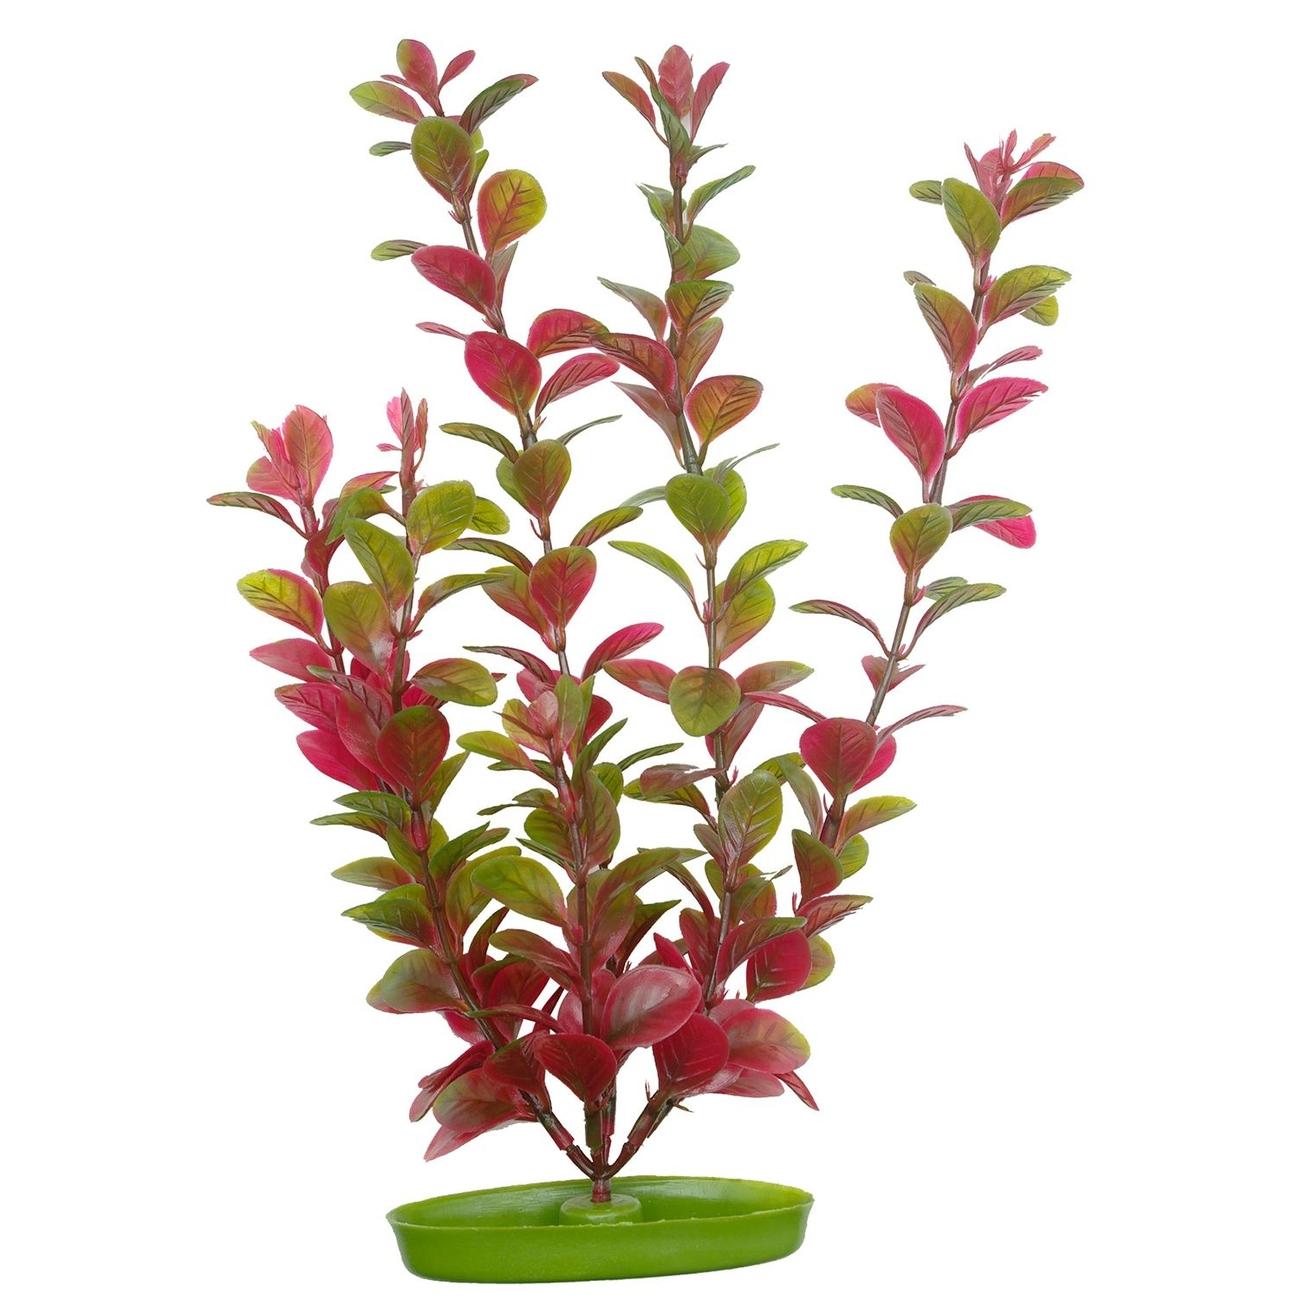 Marina Aquascaper Pflanzen bis 20 cm, Bild 2